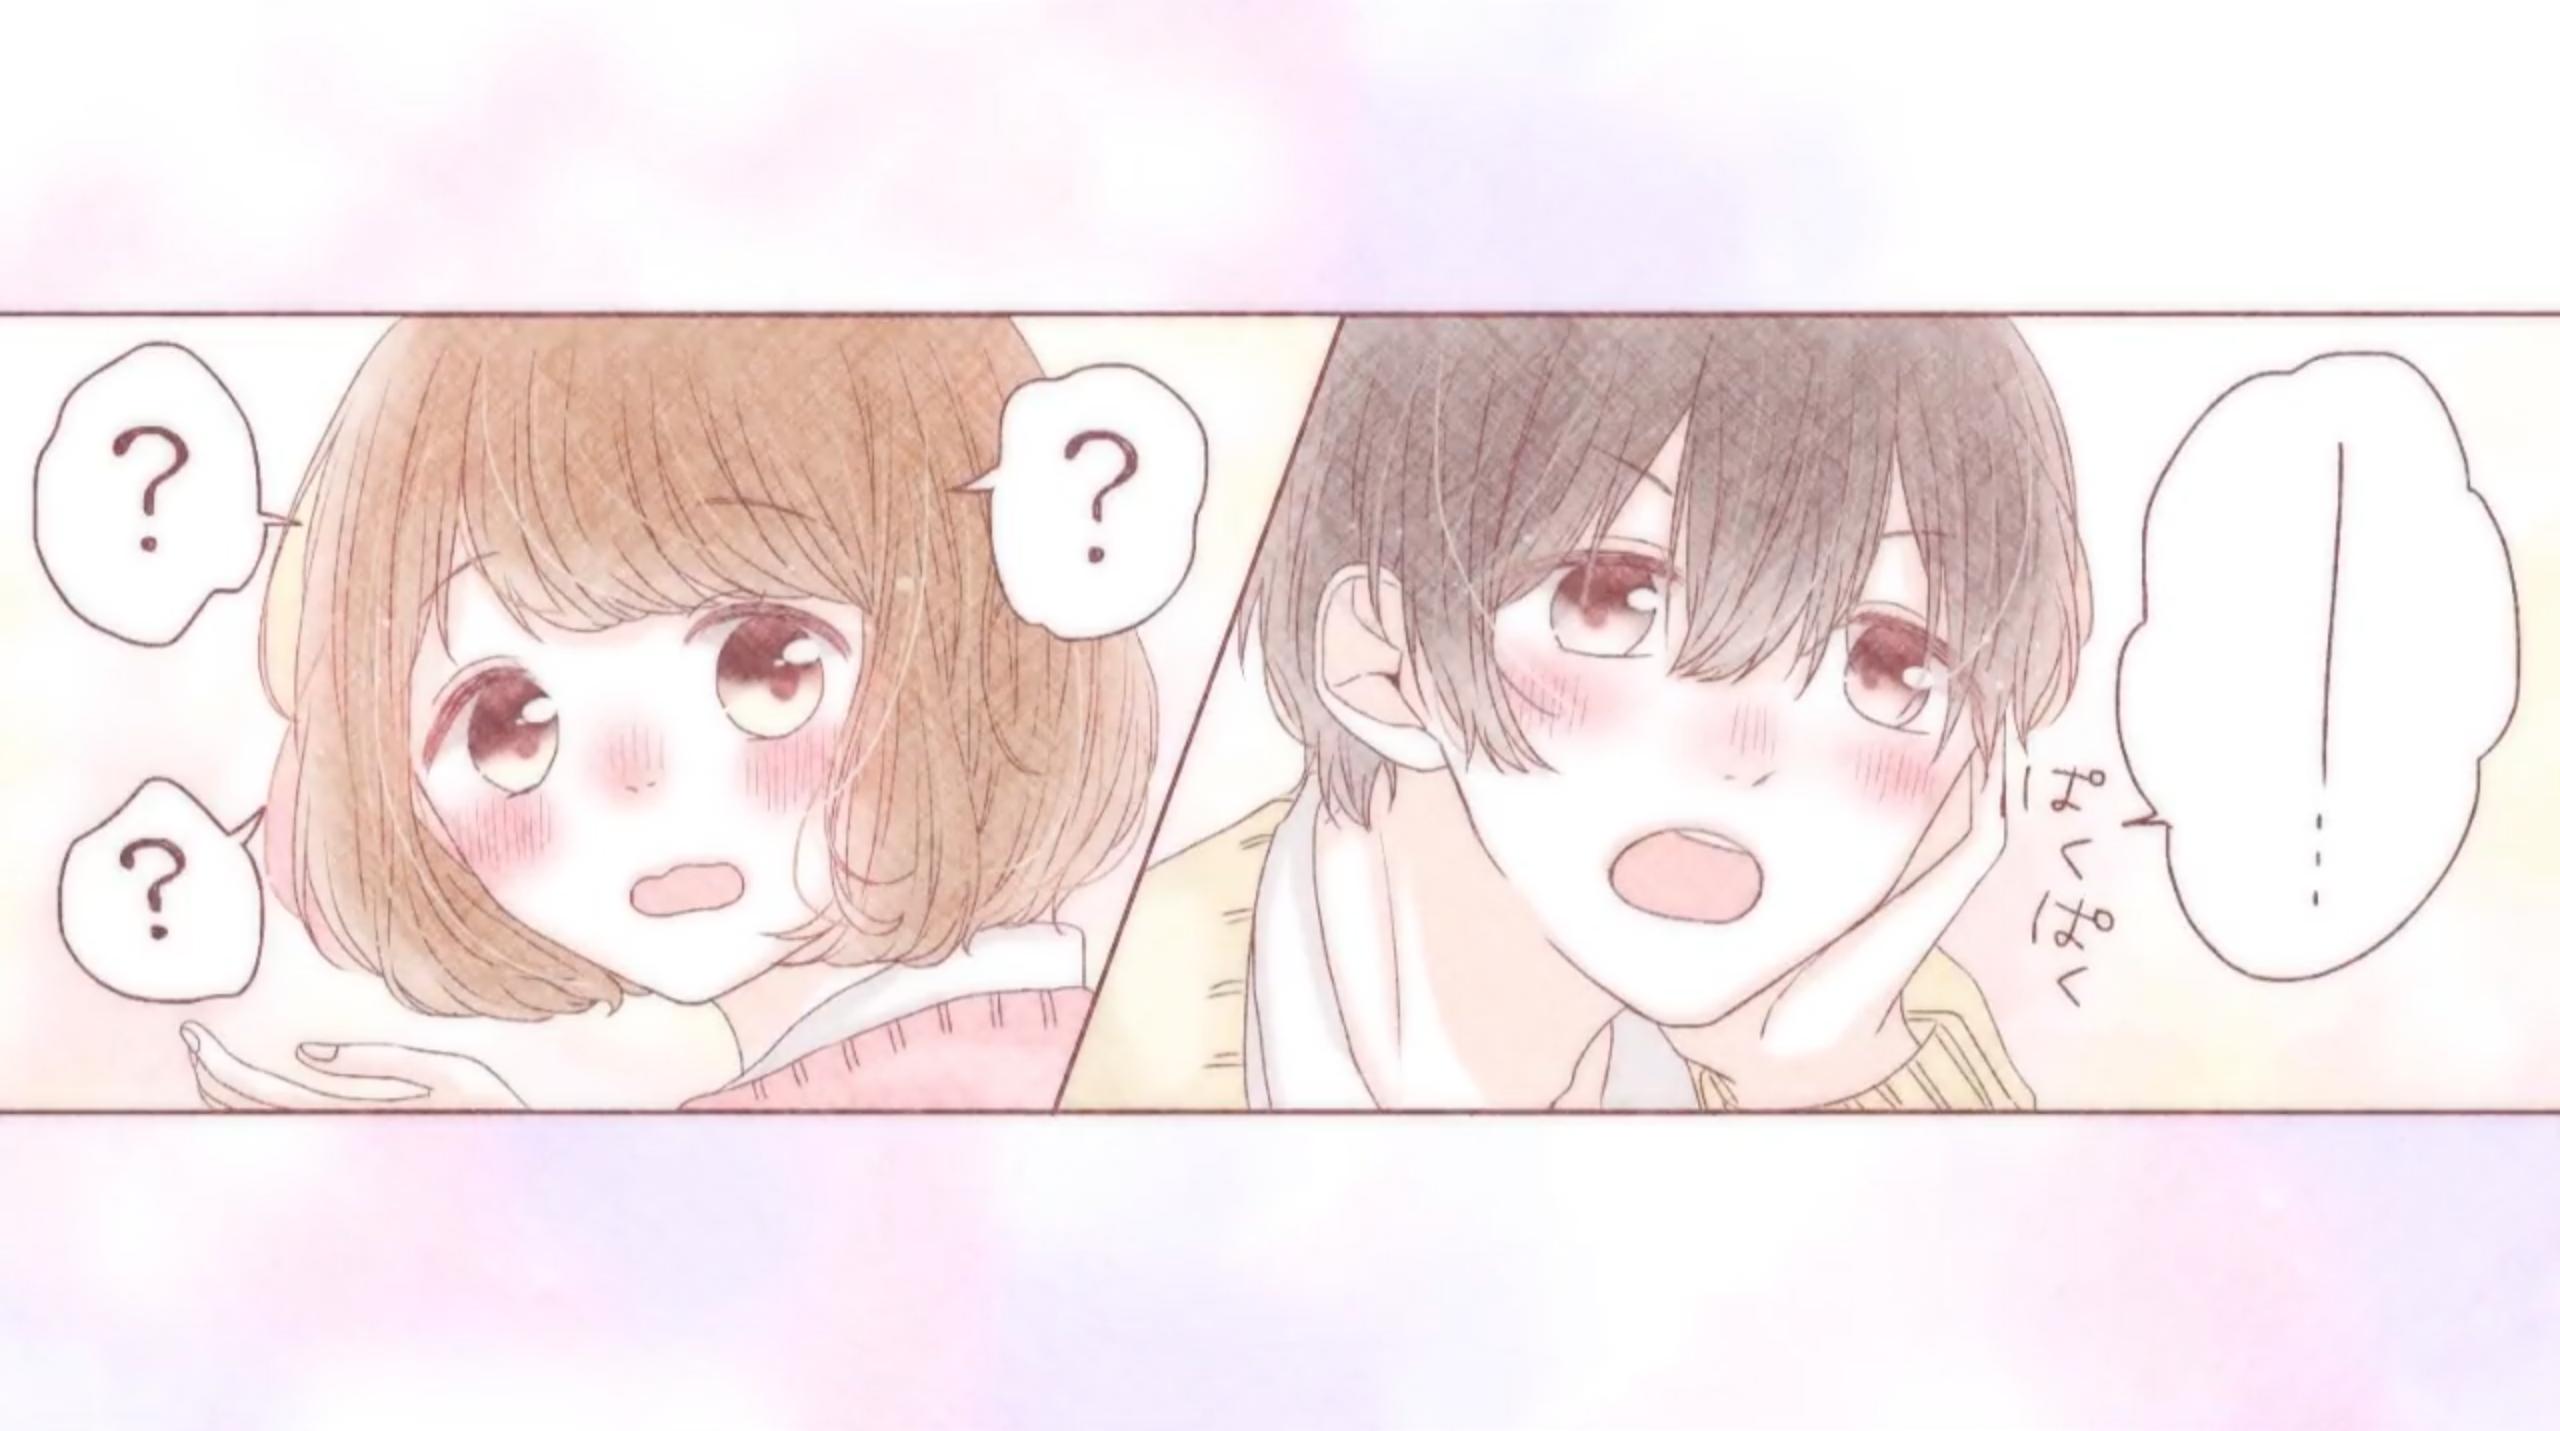 whiteeeen胸きゅんマンガストーリー第2話「ヒミツのノート☆。.:*・゜」